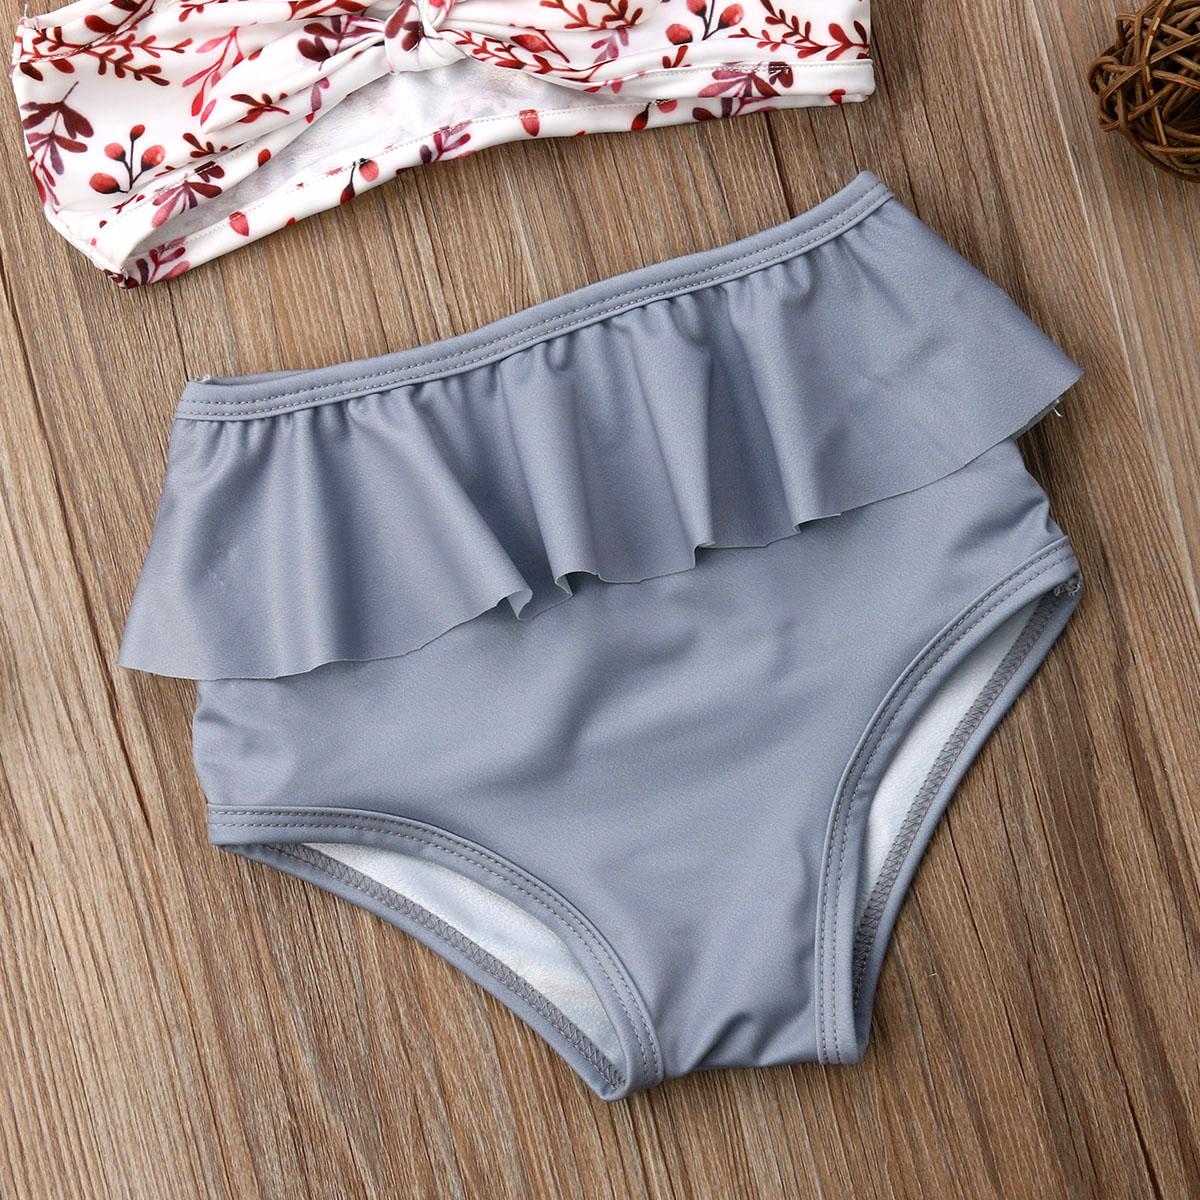 Лидер продаж, комплект из 2 предметов для маленьких девочек, Леопардовый цветочный принт, купальный костюм, бандаж, оборки, детский пляжный л... 24